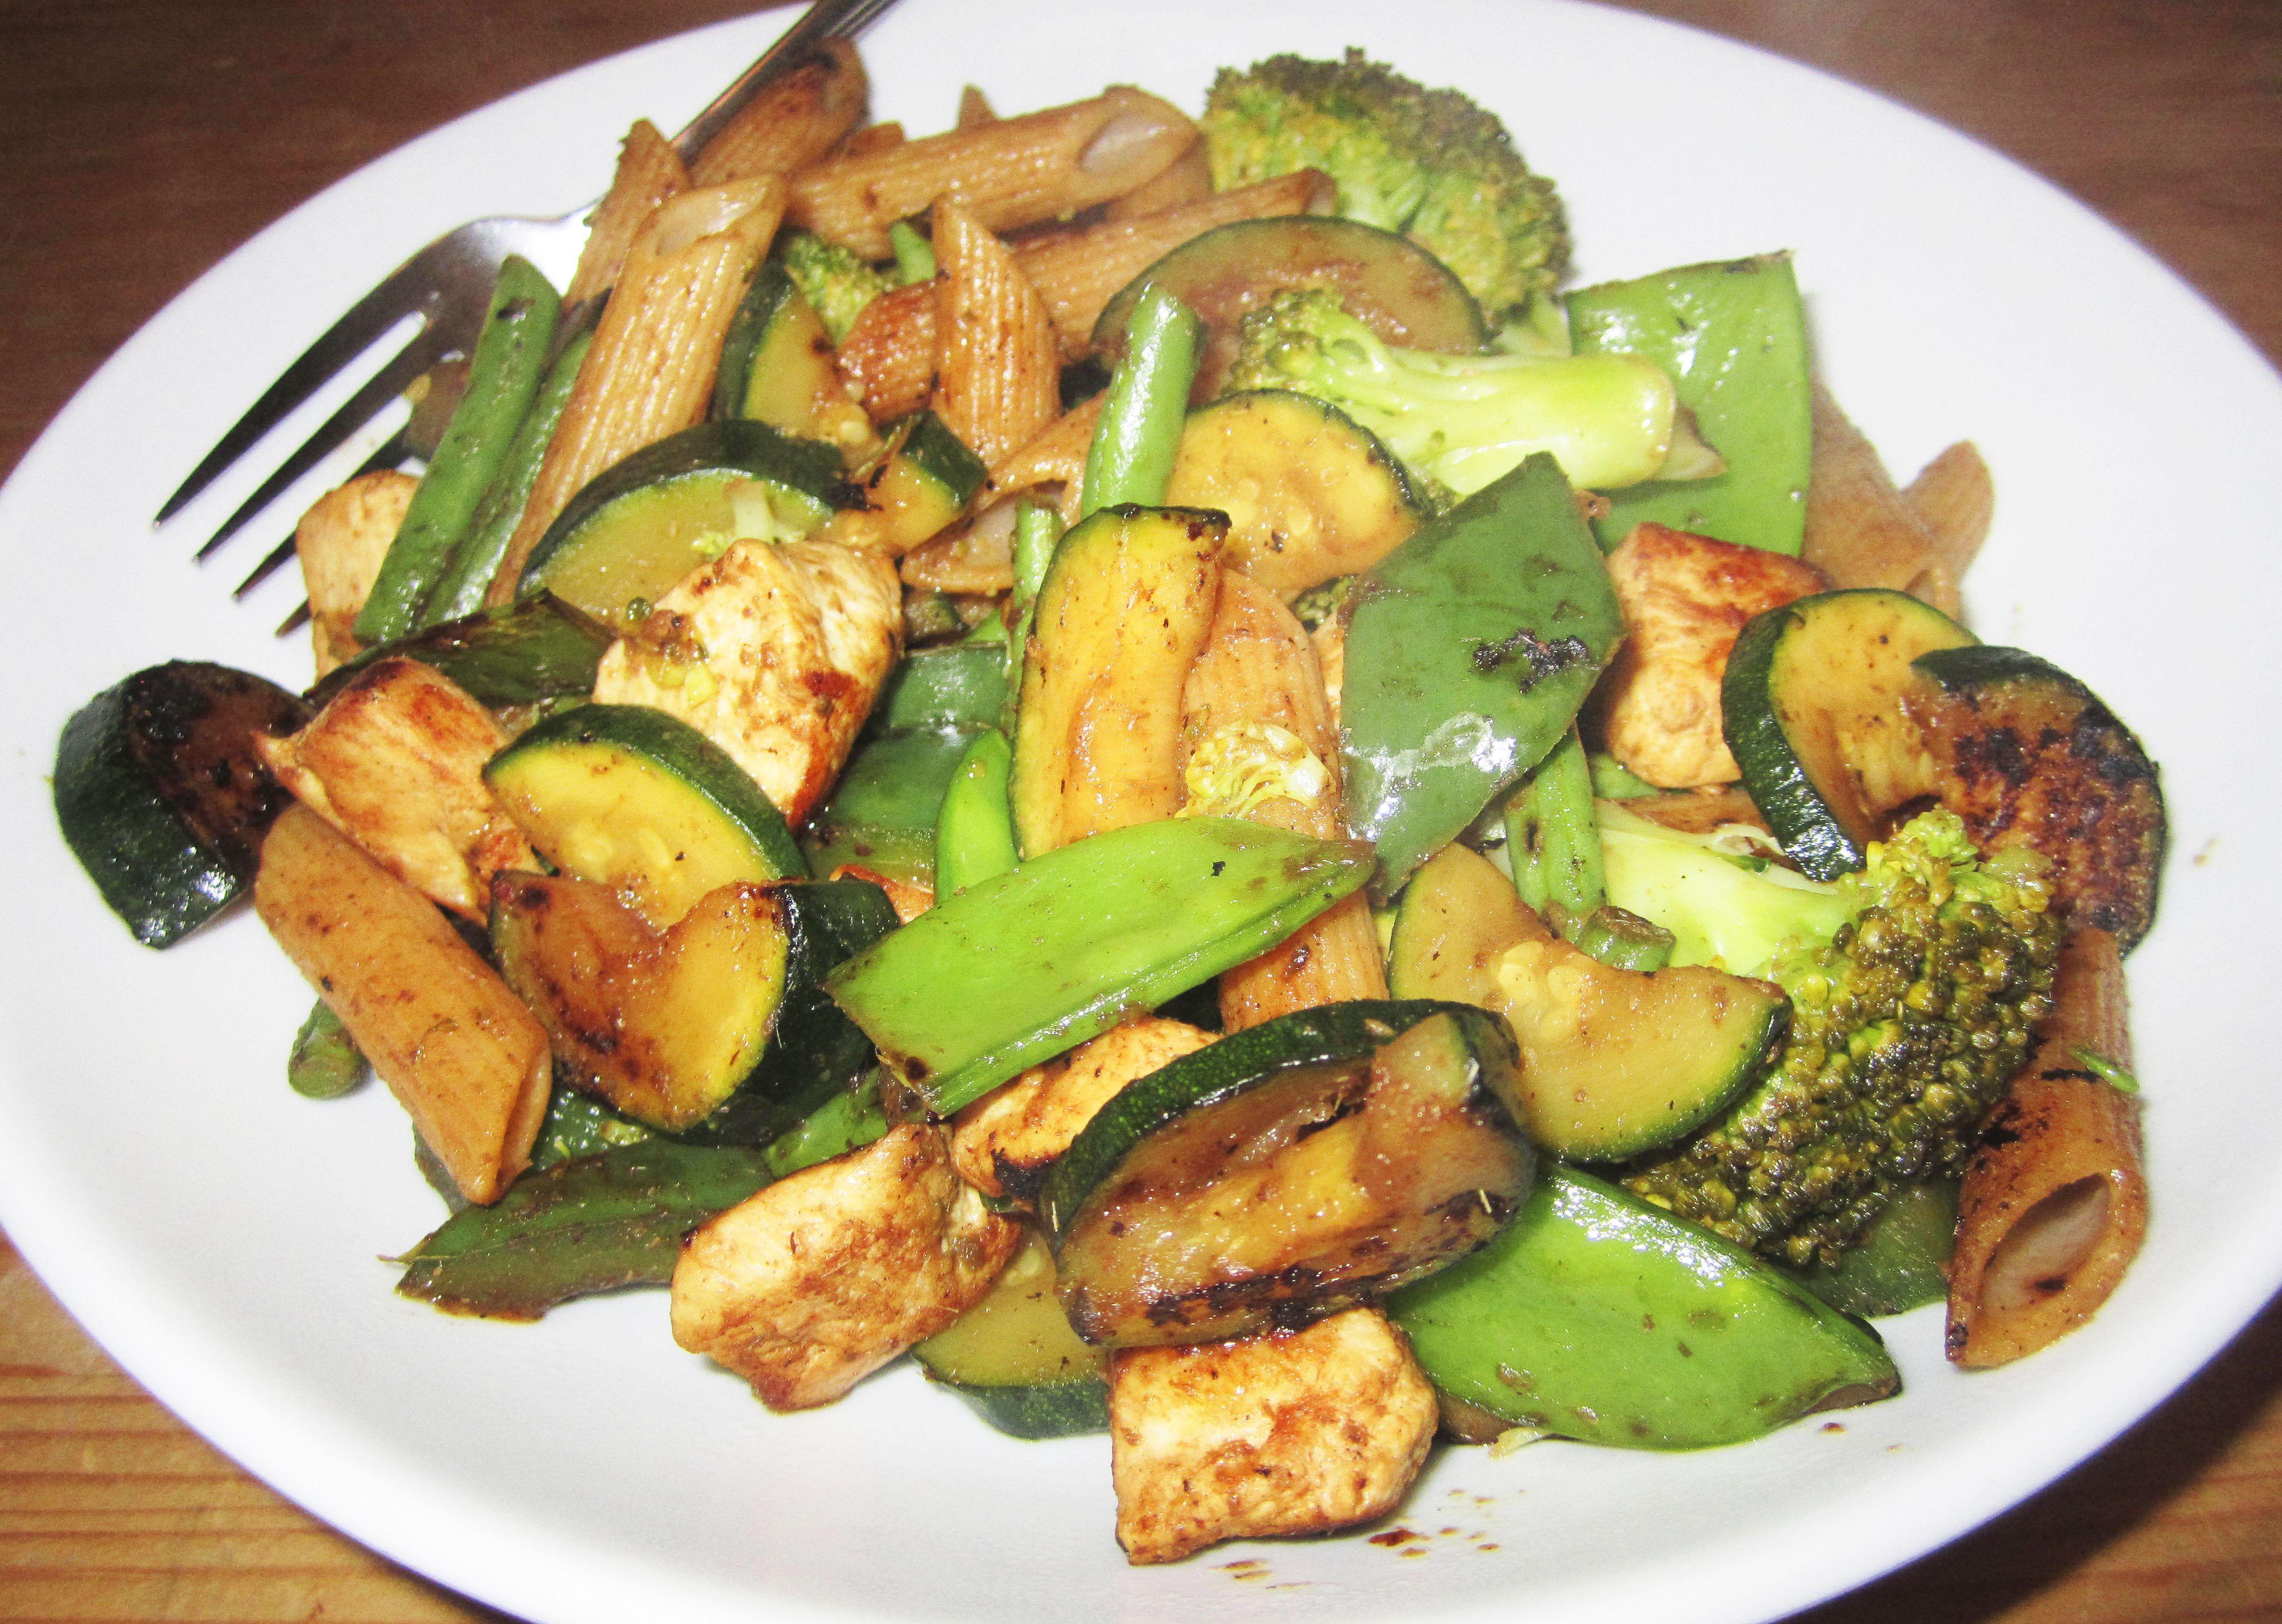 Healthy Chicken Dinner Recipes  Quick chicken dinner recipes healthy Food chicken recipes